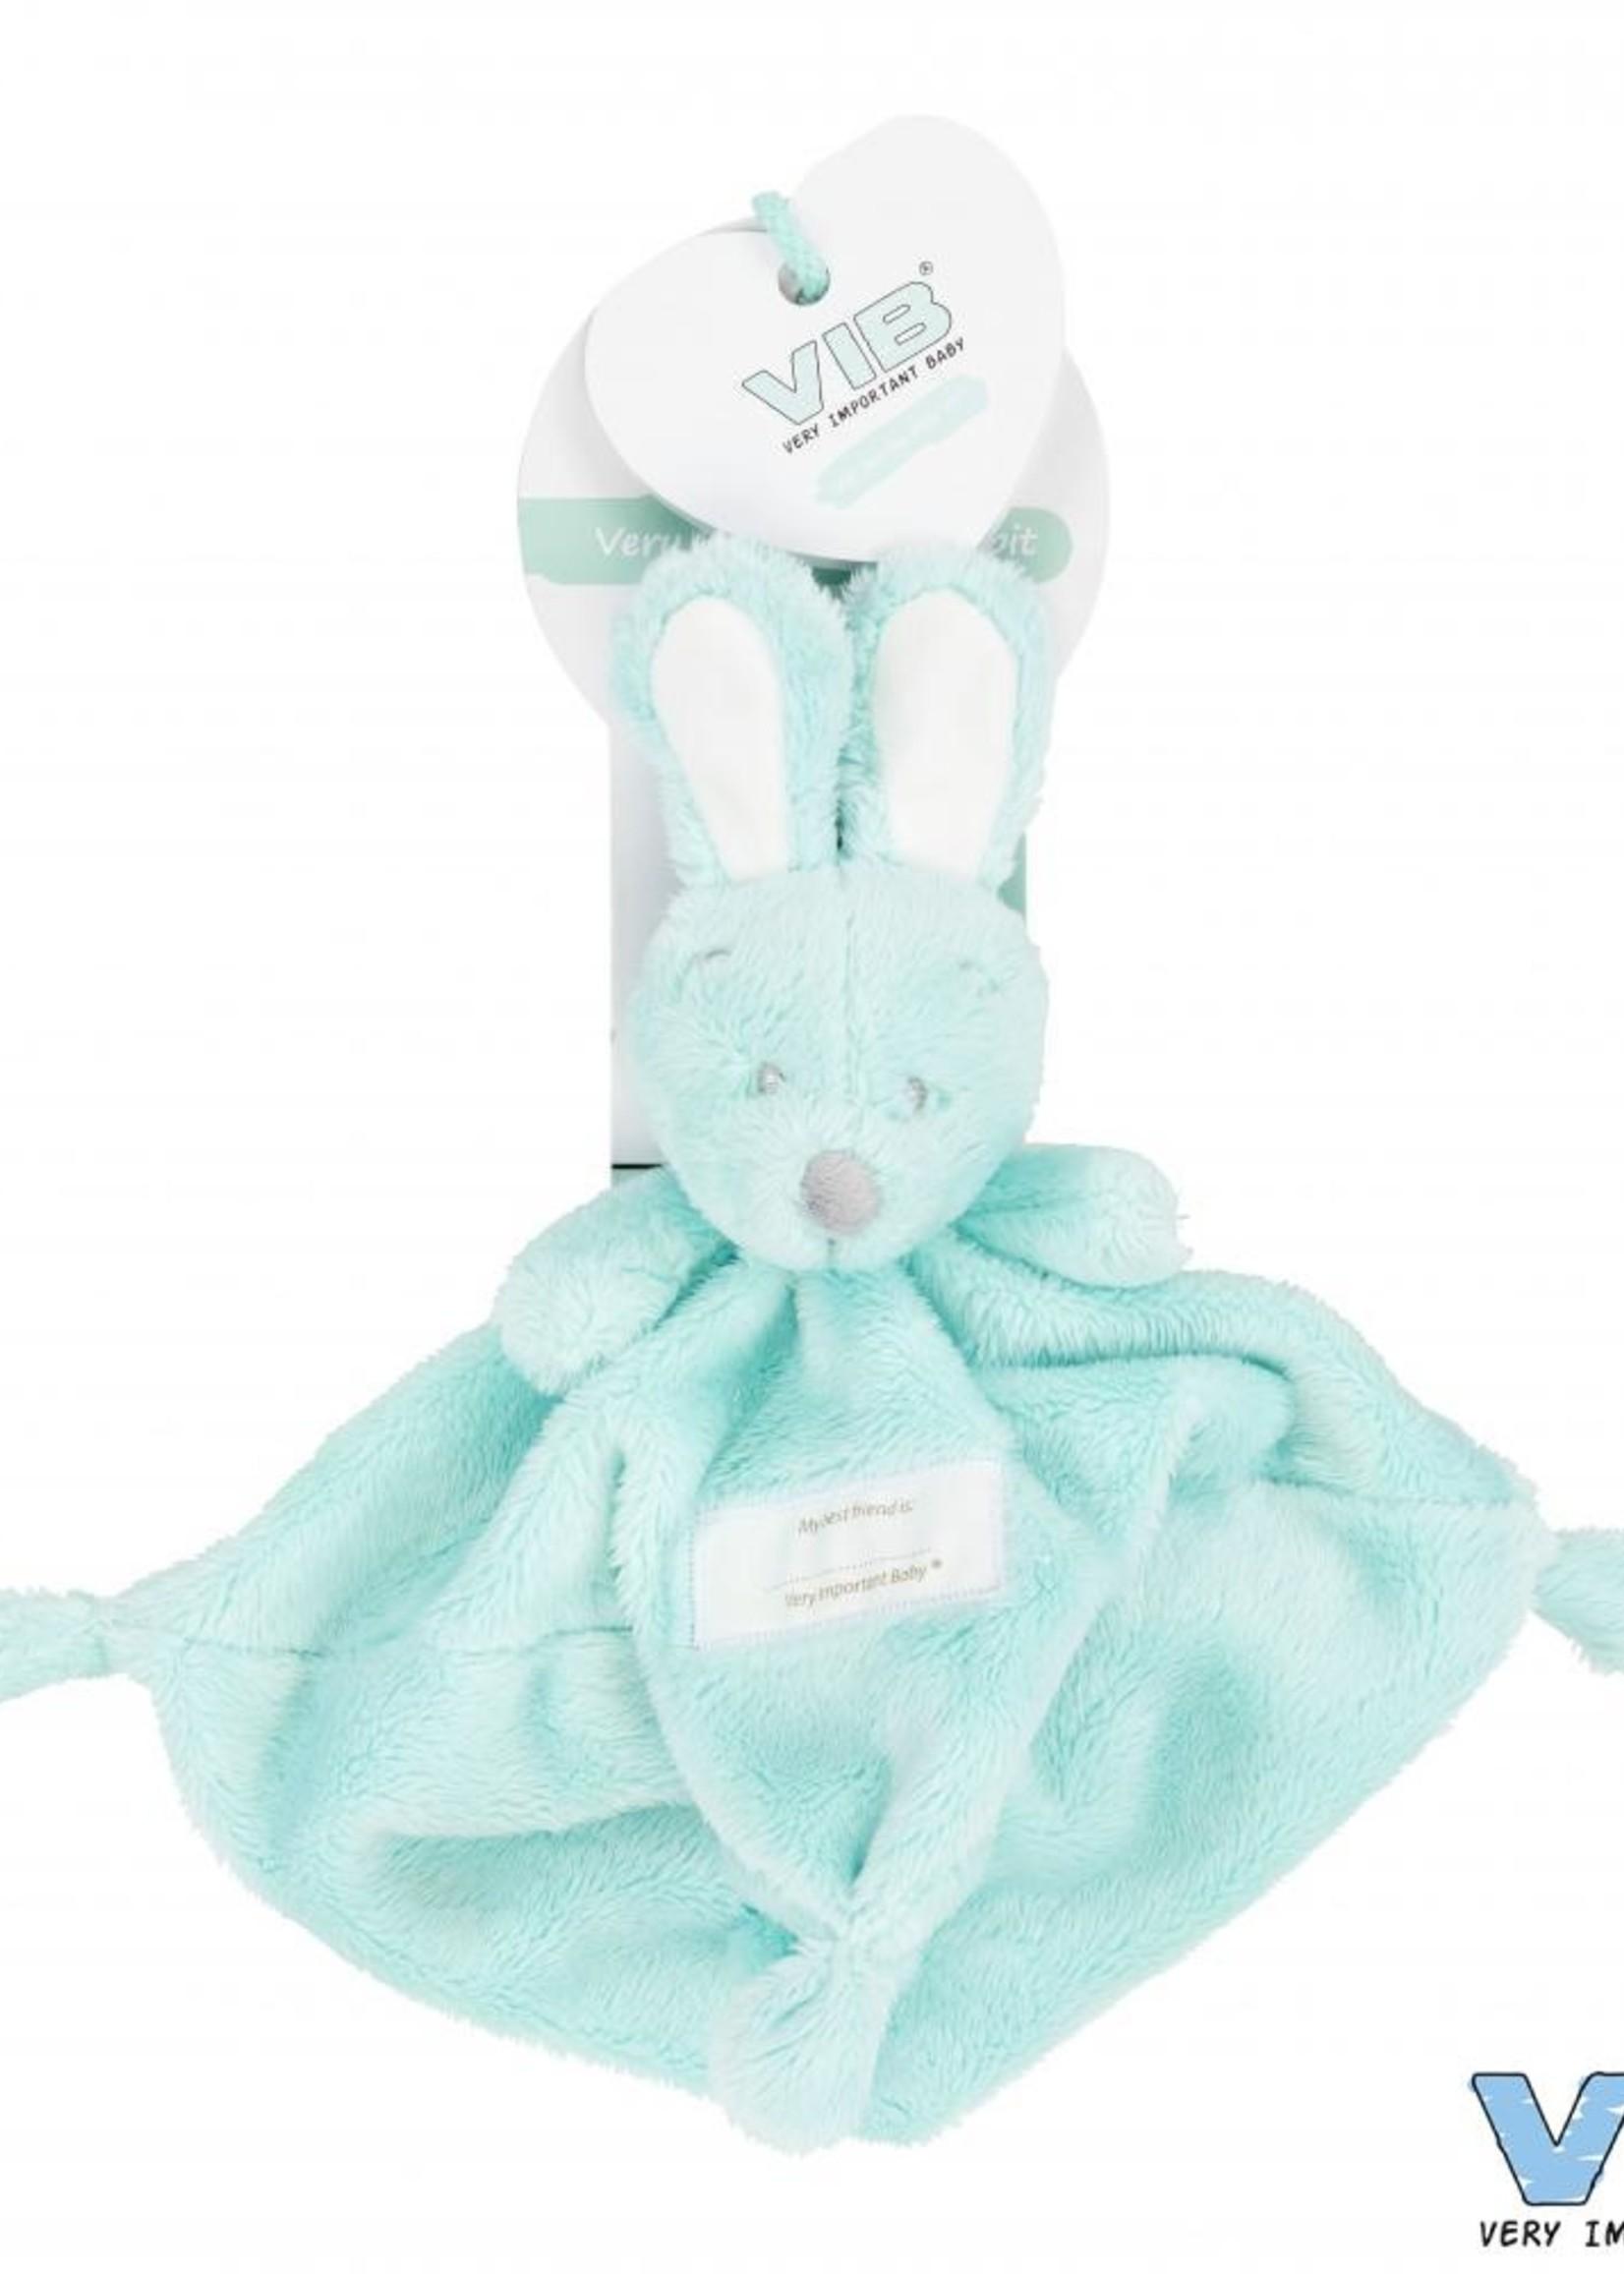 VIB Knuffeldoekje met konijnenhoofd mint